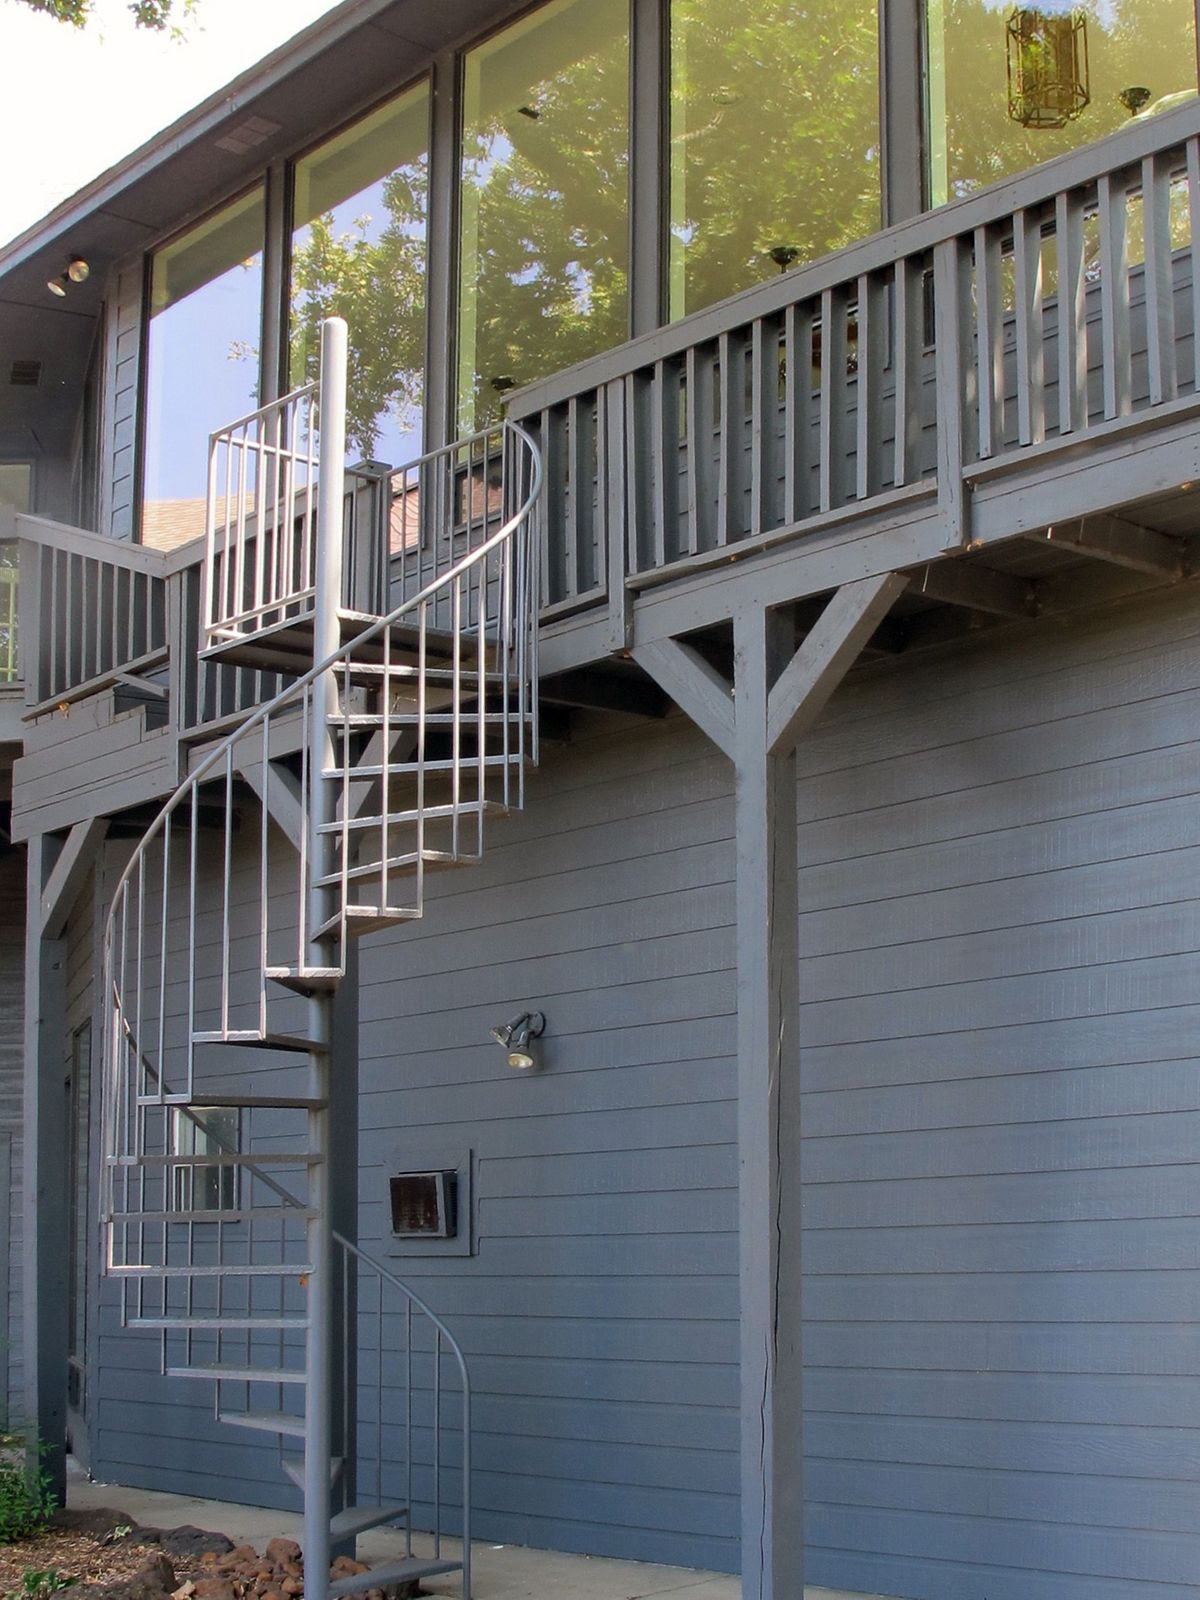 WDCT Venue Public Spaces  Photo Video Shoot Location Dallas 36.jpg